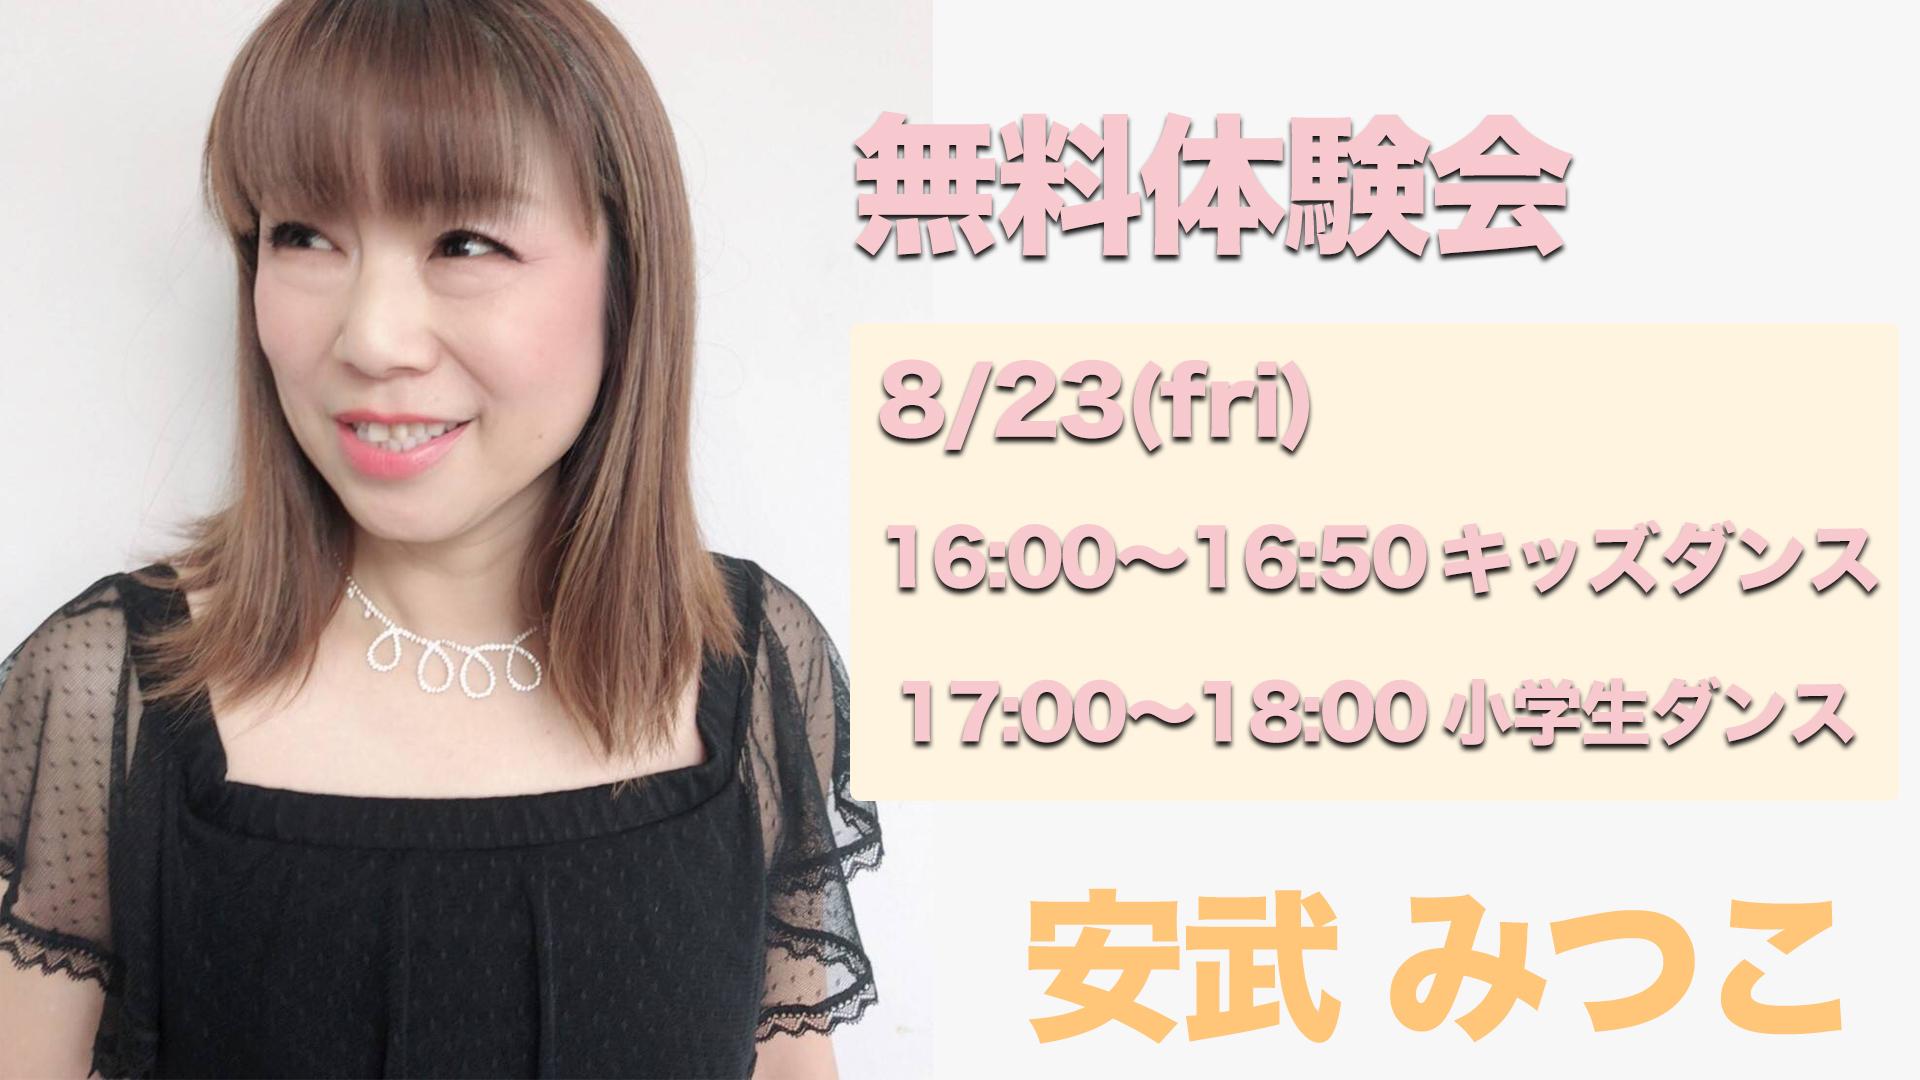 福岡でキッズ・小学生のお子様がいるお母さん必見!みつこ先生のキッズダンスクラスをご紹介!